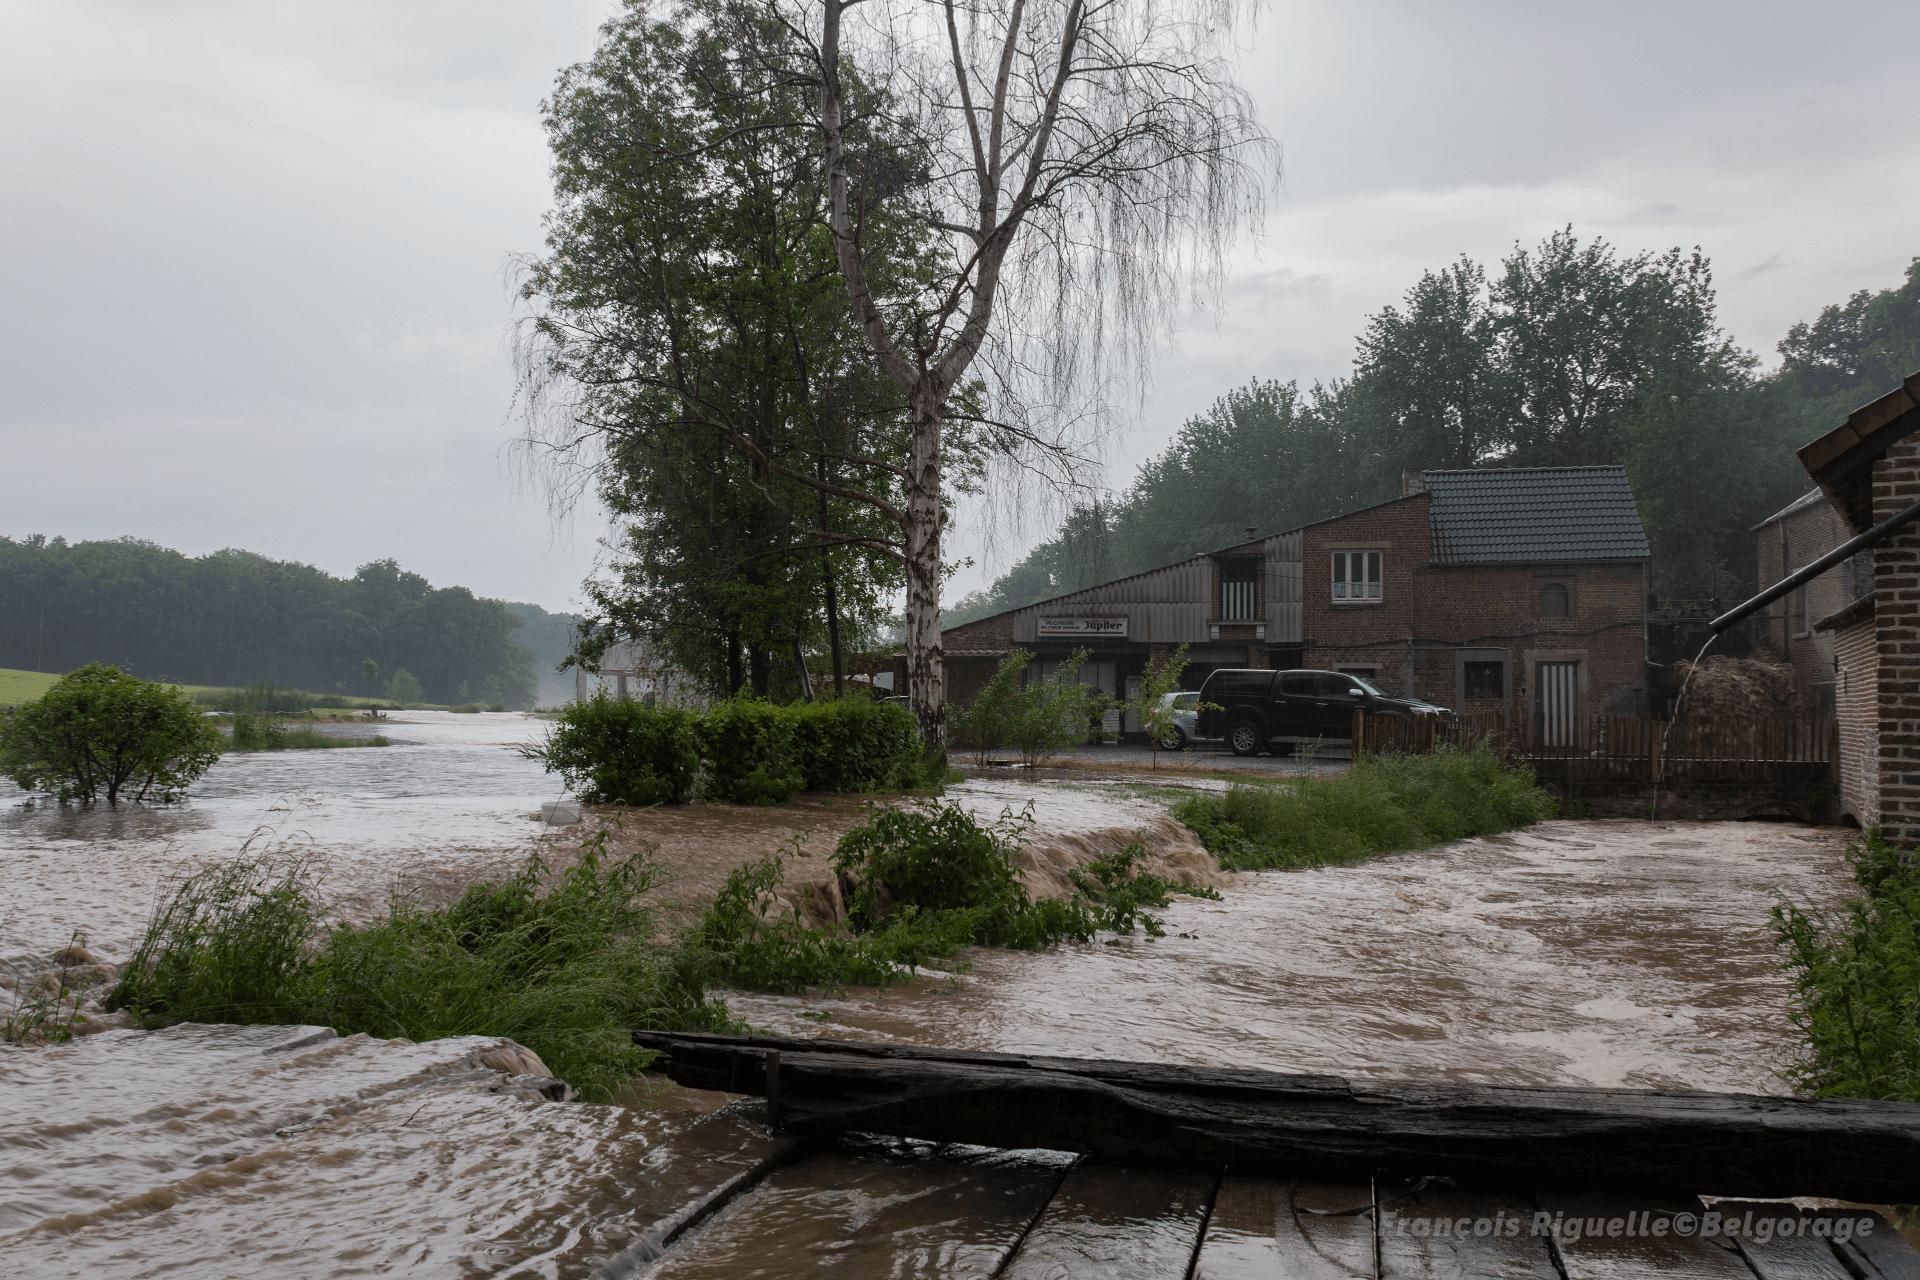 Inondations à Jauche, en province du Brabant Wallon, le 4 juin 2021 vers 16h30.